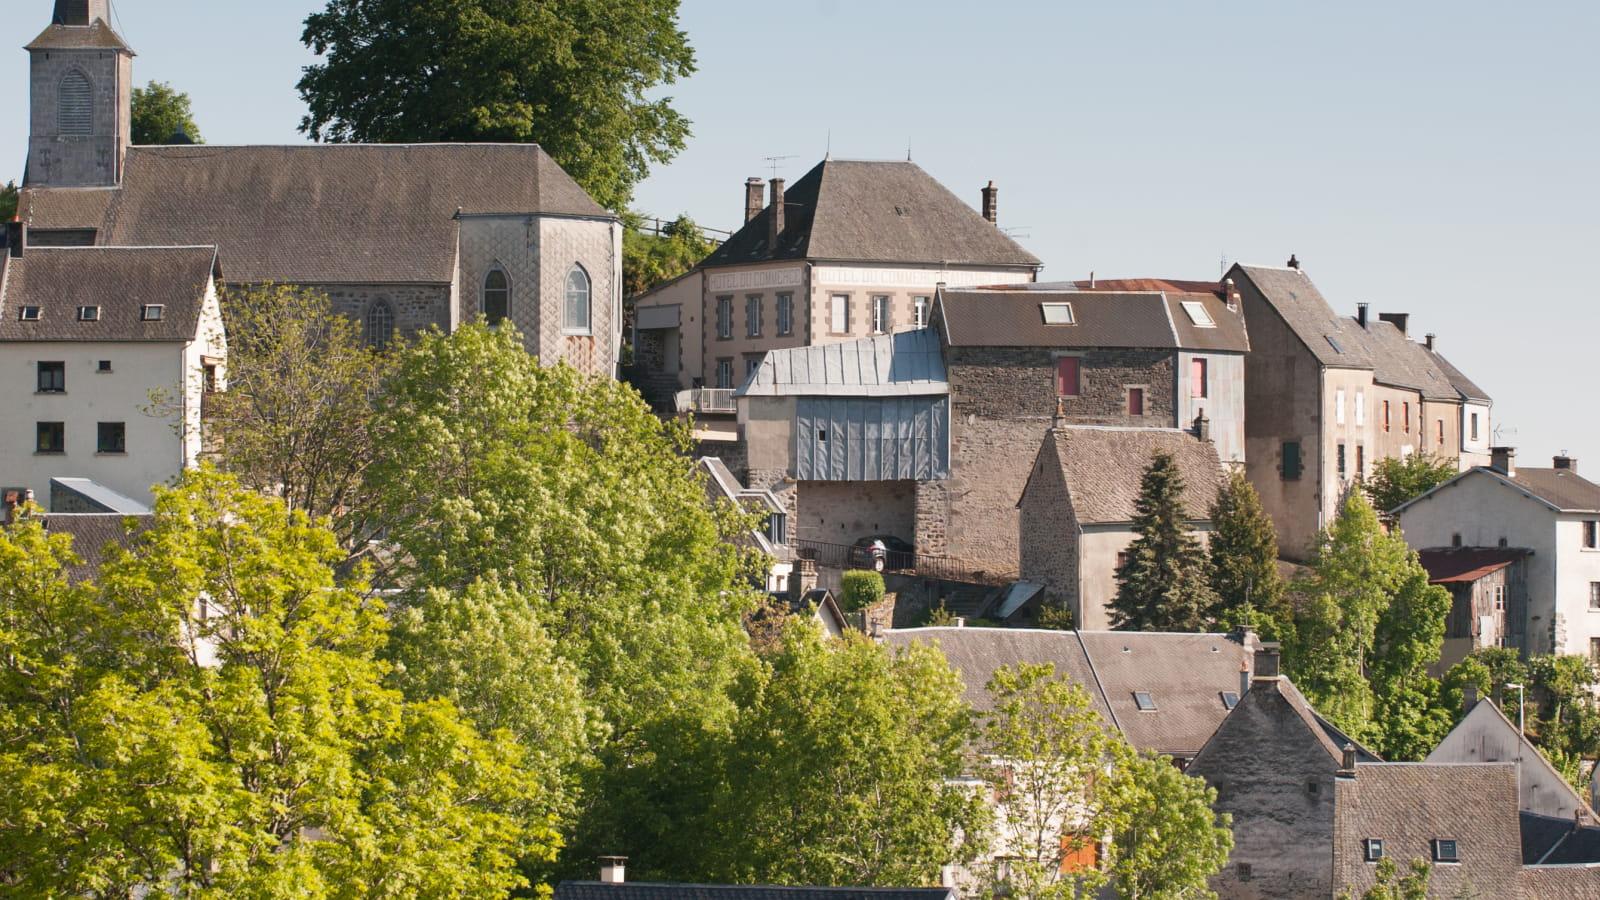 La Tour-d'Auvergne